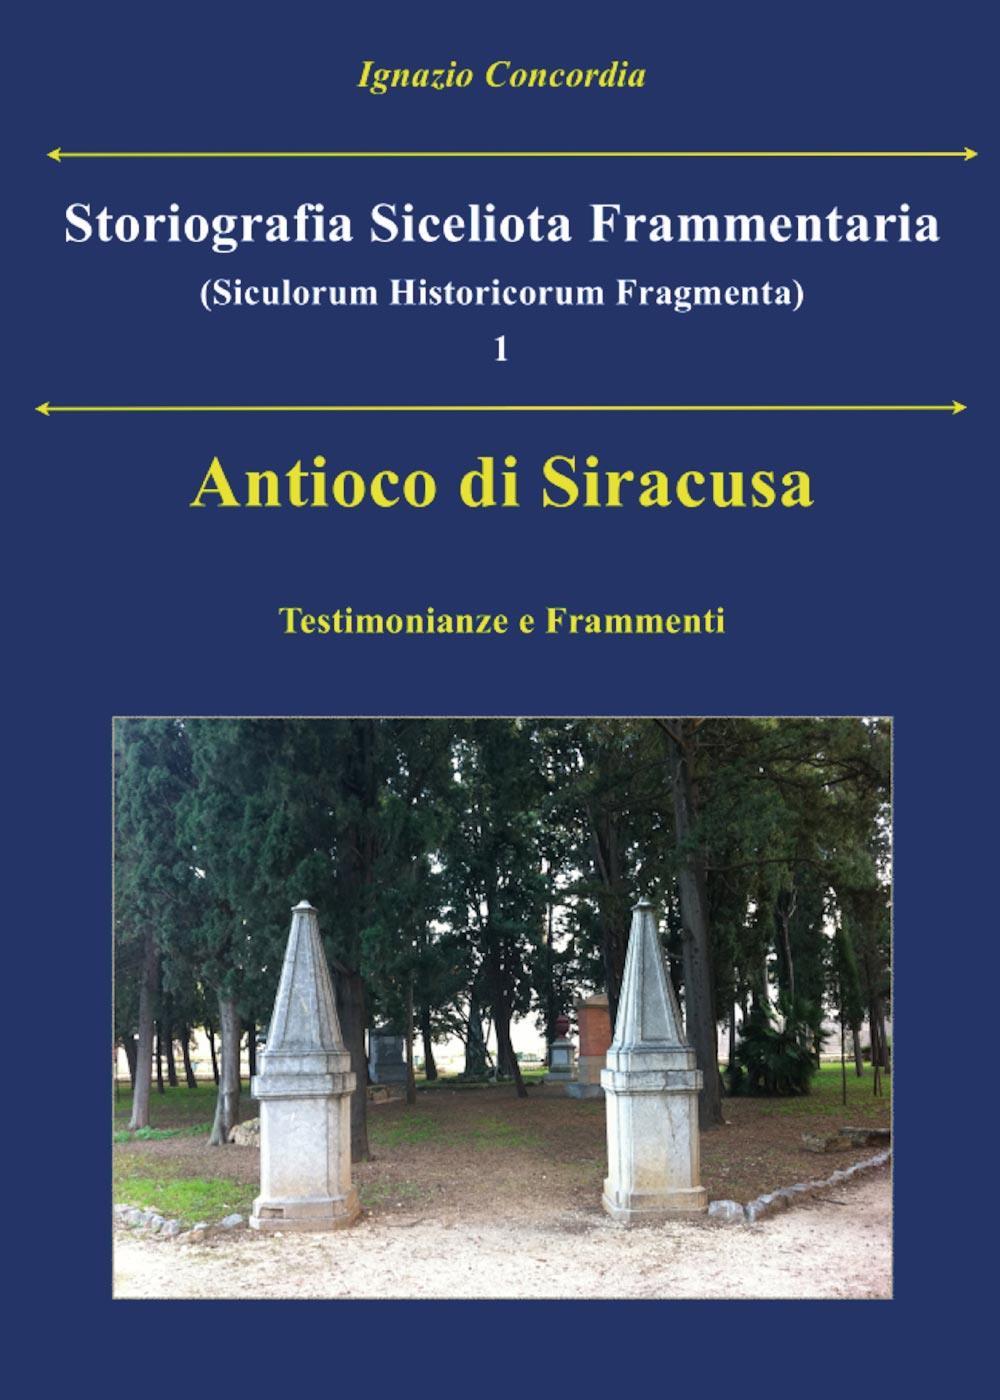 Antioco di Siracusa. Testimonianze e Frammenti